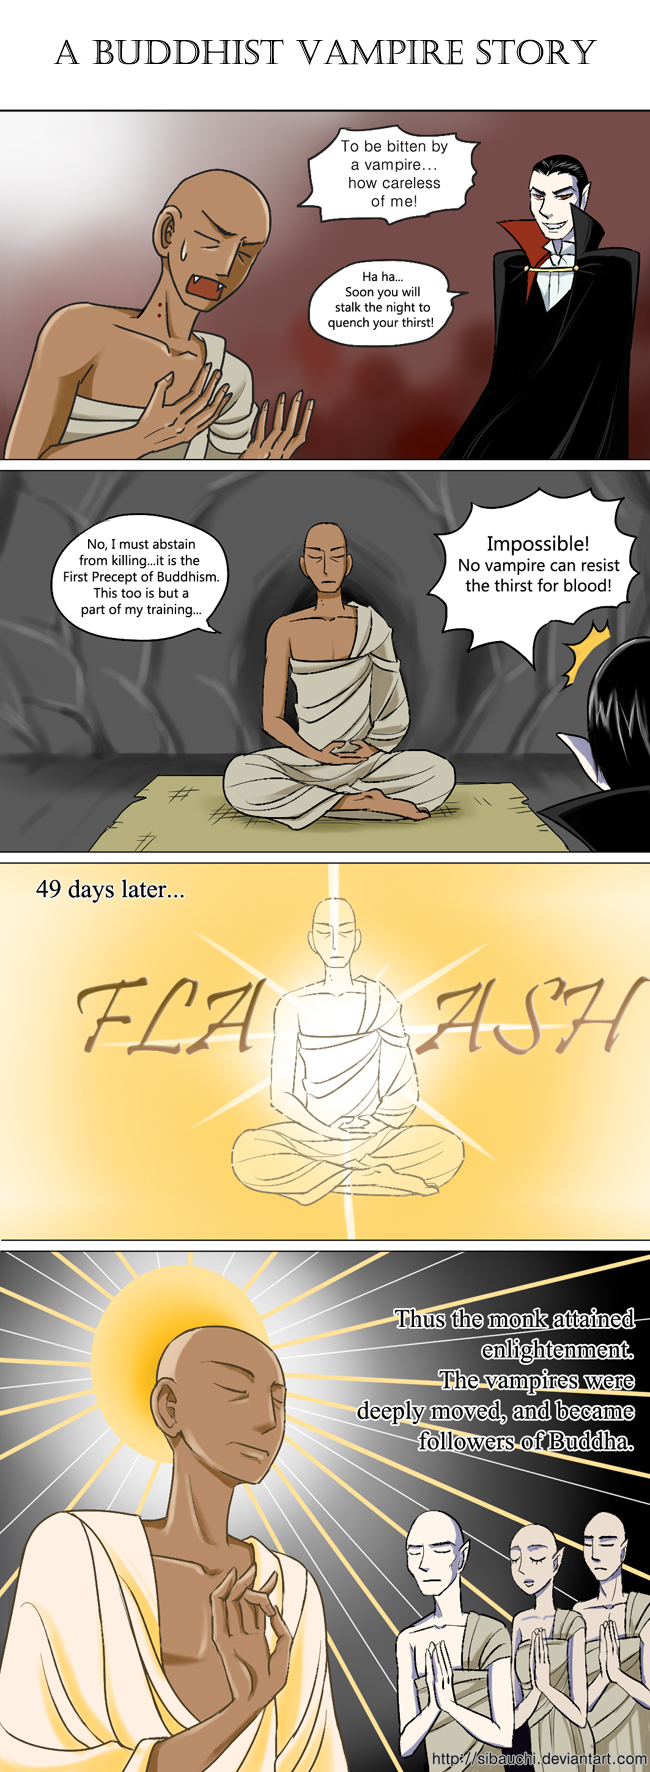 A Buddhist Vampire Story by Sibauchi